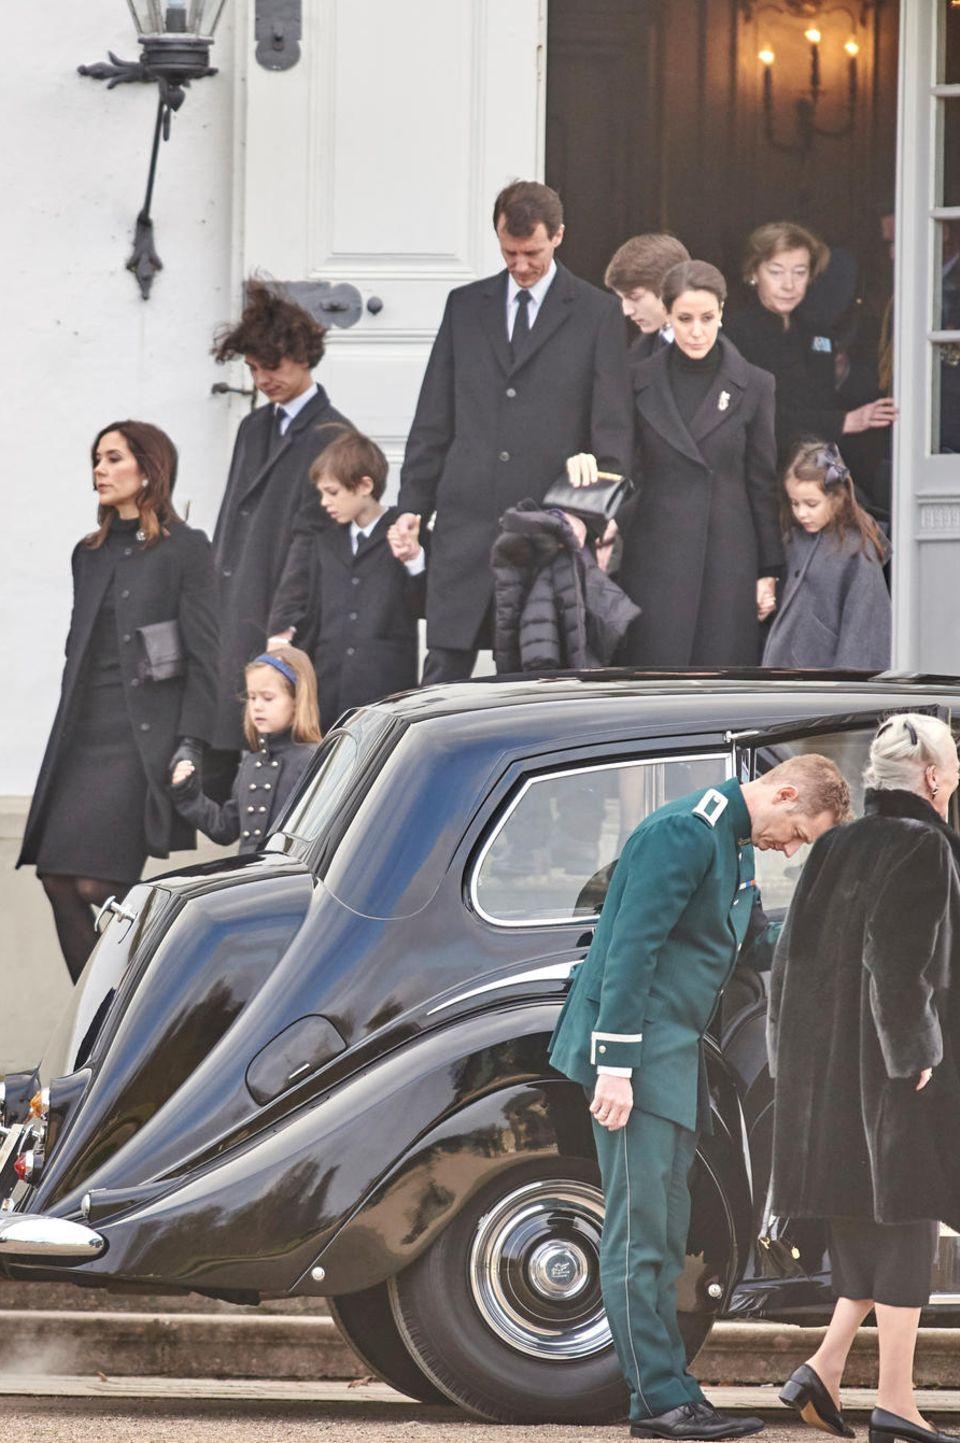 Kronprinzessin Mary mit Prinzessin Josephine, Prinz Nikolai, Prinz Henrik an der Hand von Prinz Joachim, Prinz Felix, Prinzessin Marie mit Prinzessin Athena sind auf dem Weg zur Wagenkolonne, die den Sarg von Prinz Henrik nach Kopenhagen begleitet. Links sieht man Prinz Frederik mit seinen Kindern Isabella und Christian. Am Auto steht Königin Margrethe